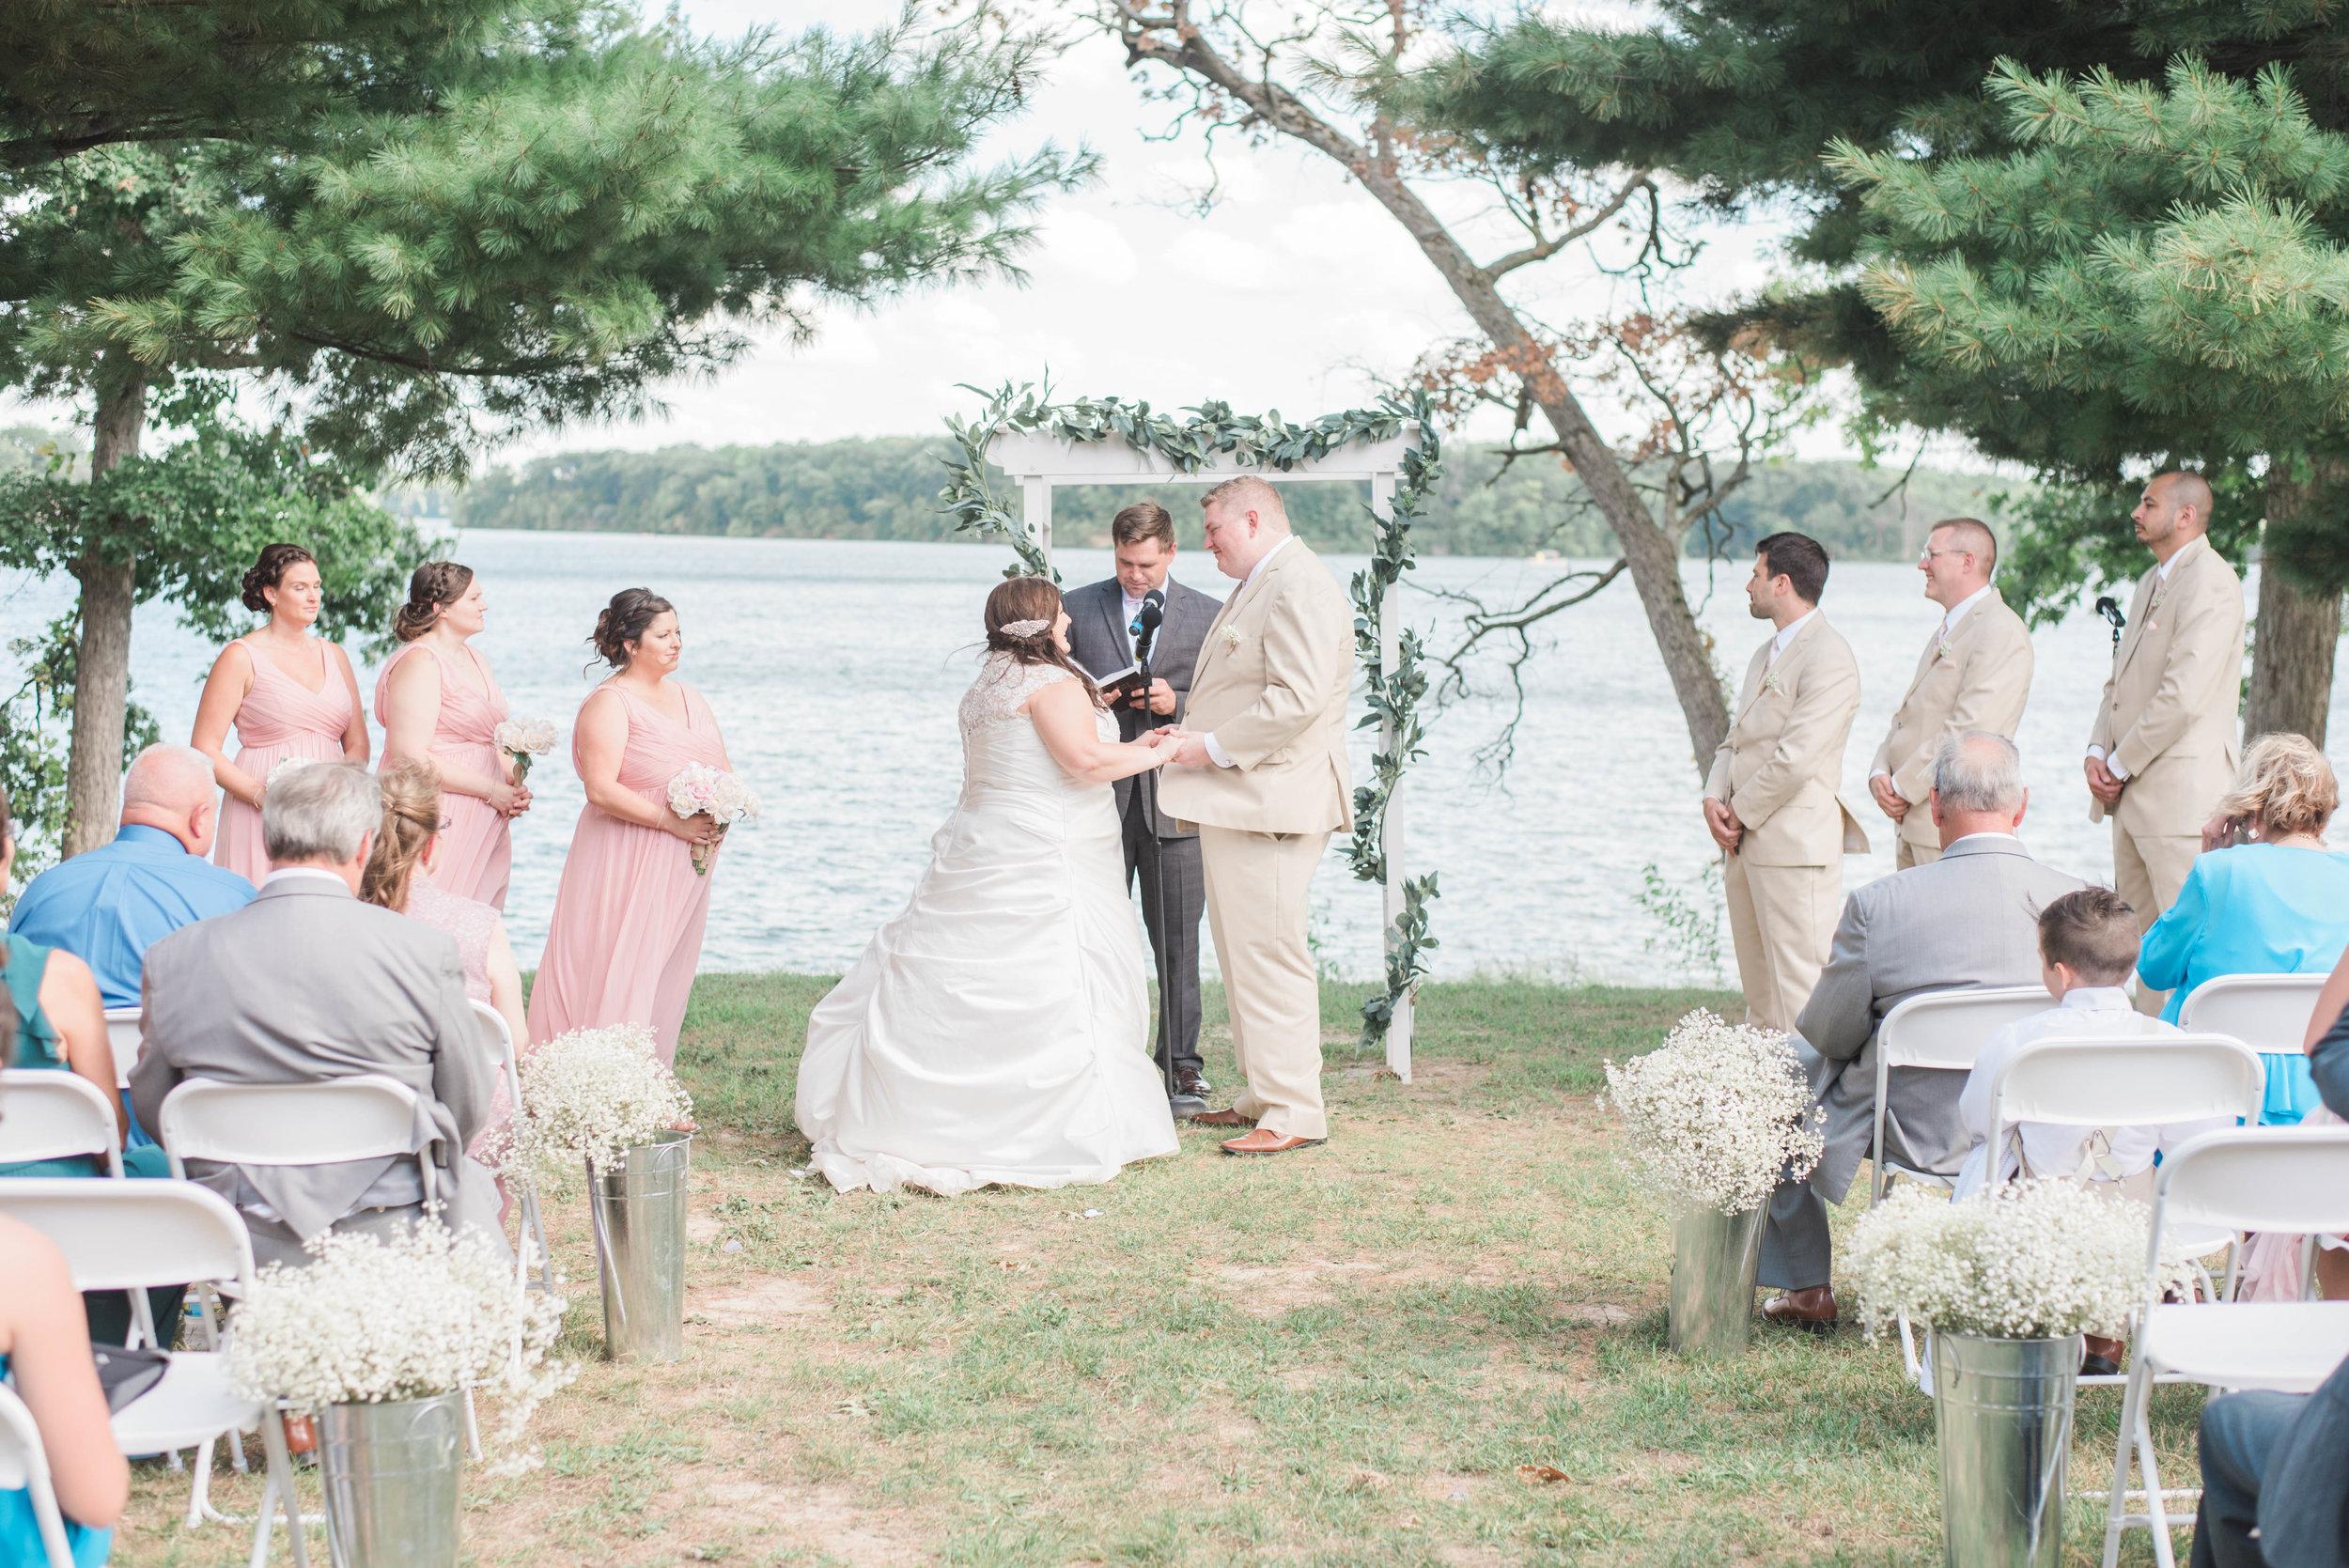 wedding ceremony shot